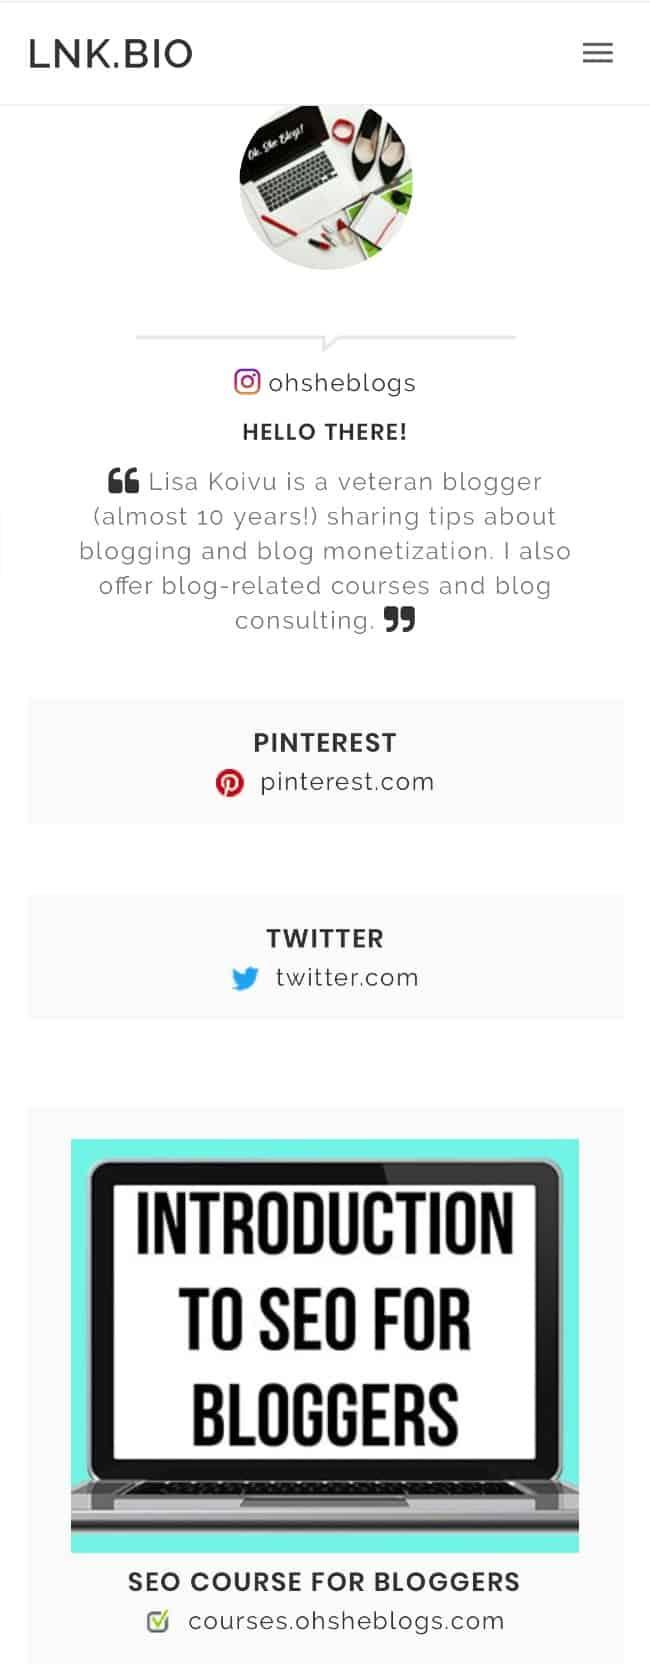 Linktree alternatives: lnk.bio